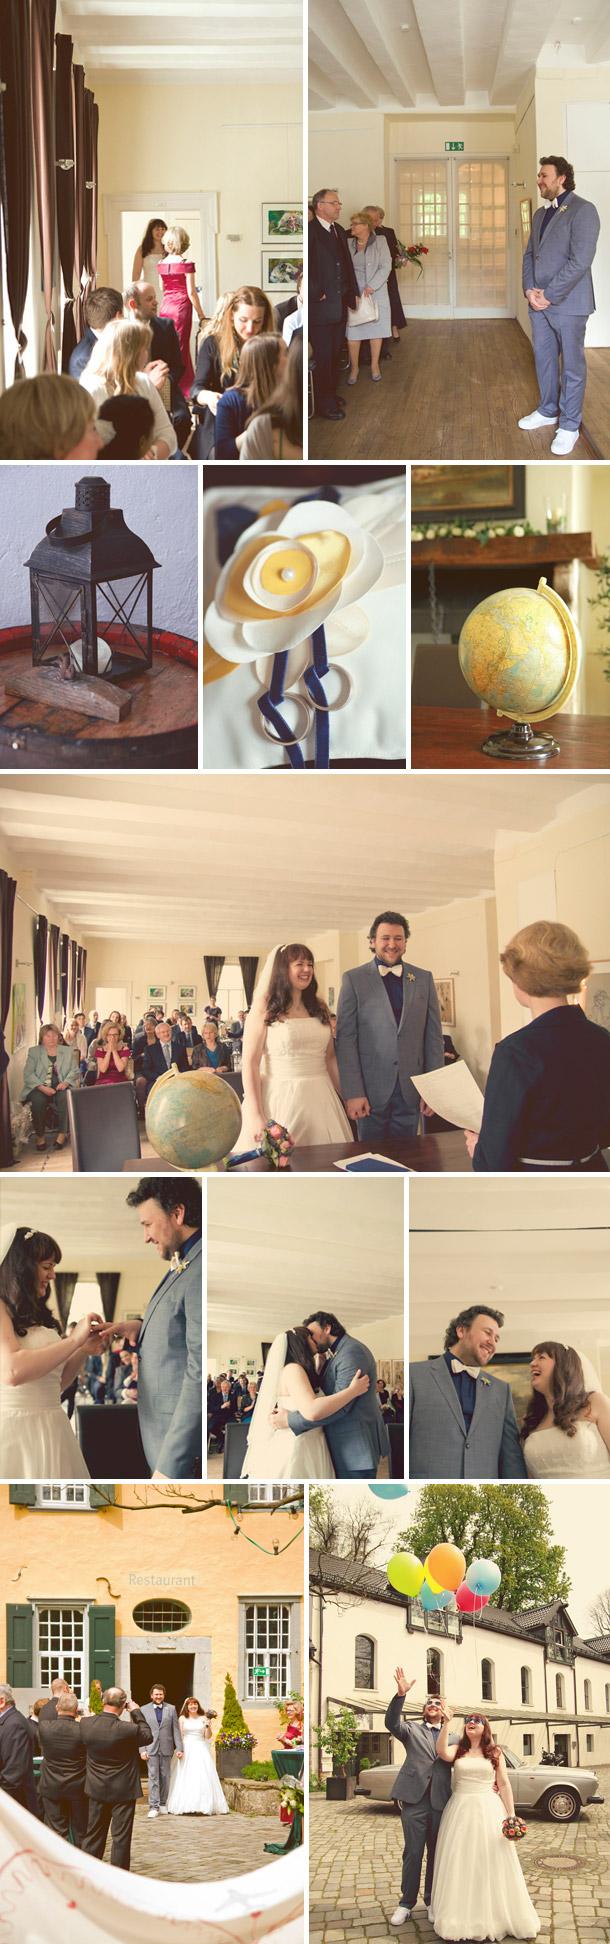 Schloss Lüntenbeck Hochzeit von Gasoline Photography